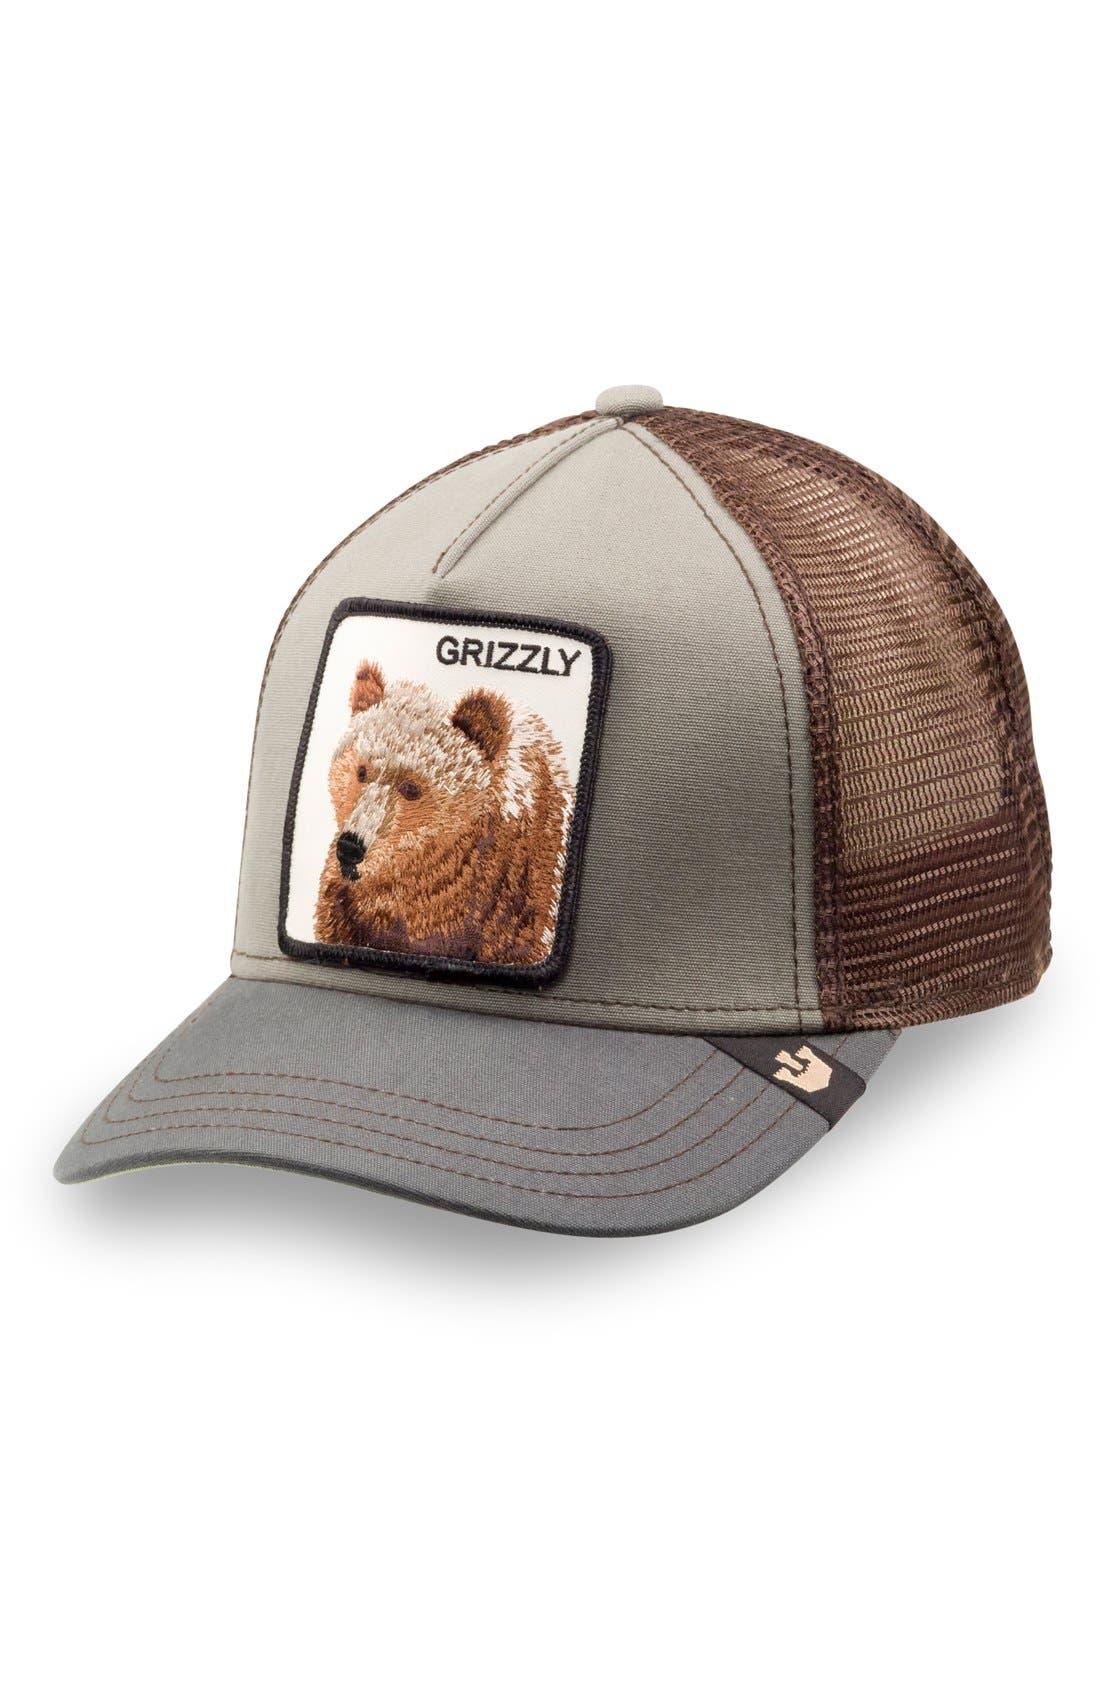 GOORIN BROTHERS 'Animal Farm - Grizz' Mesh Trucker